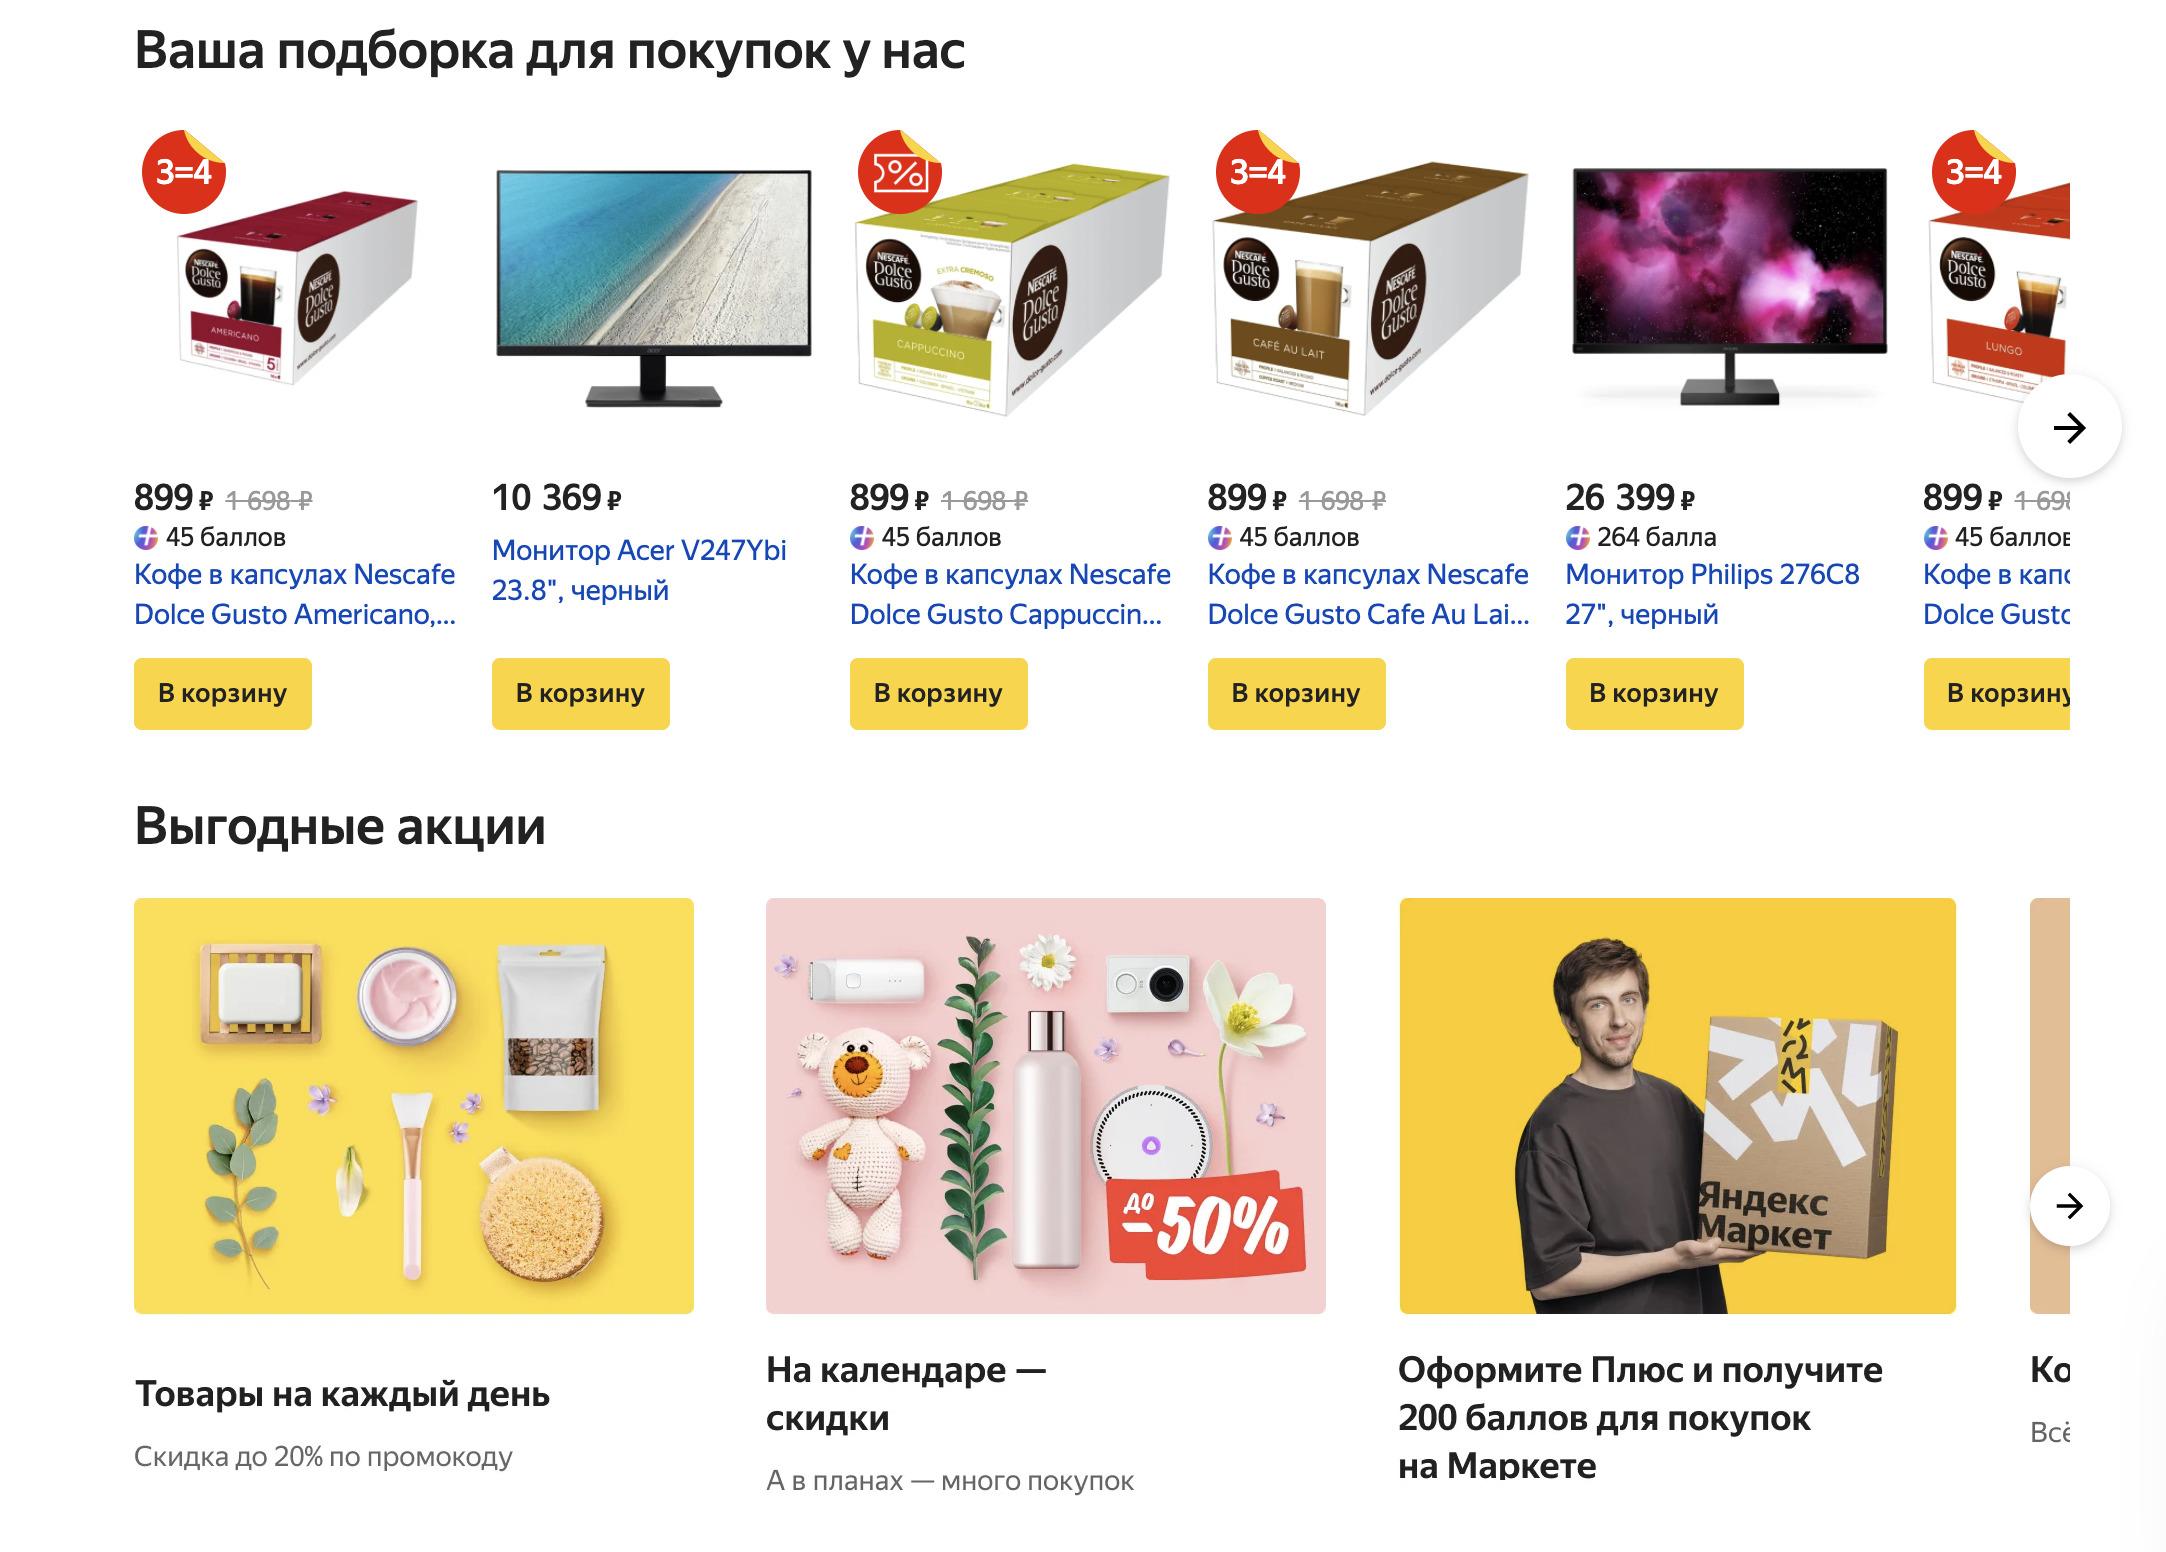 Доставка из Яндекс.Маркет в Каменск-Шахтинский, сроки, пункты выдачи, каталог